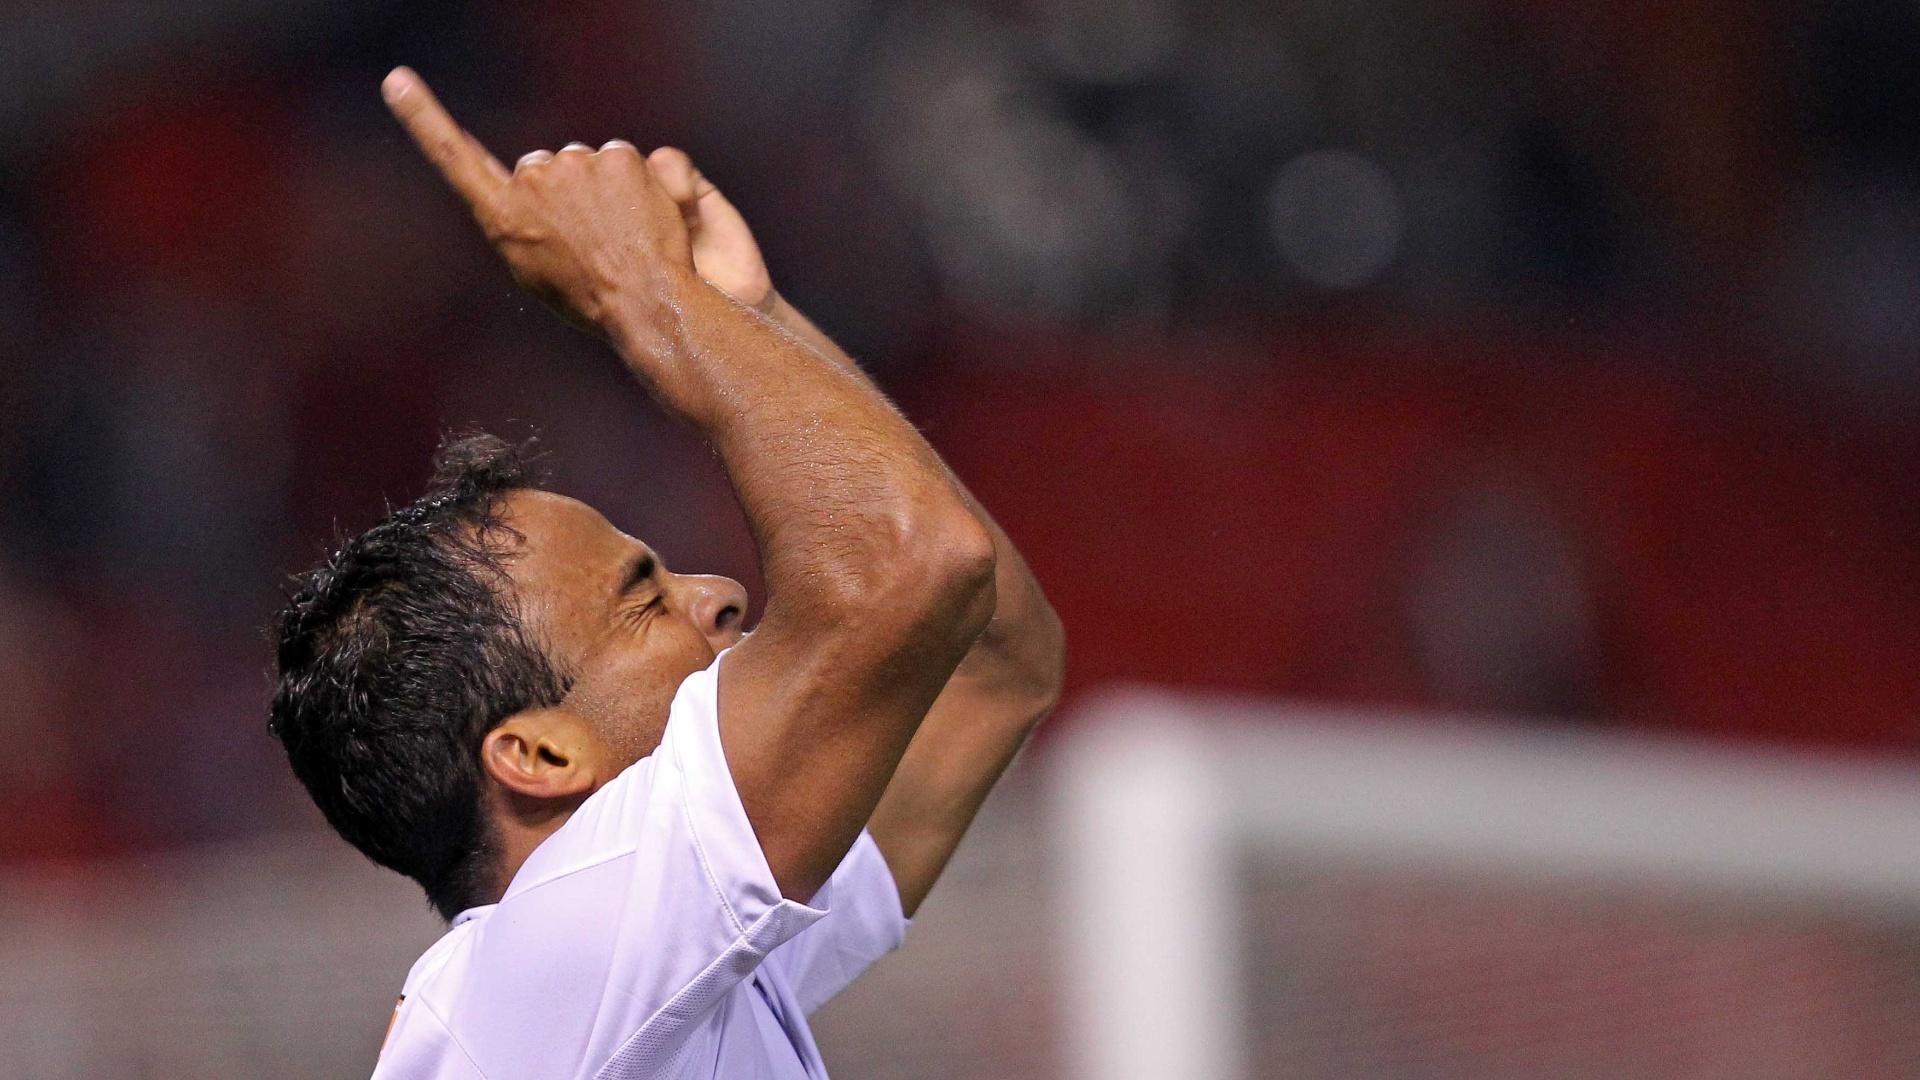 Com gol de Mancini, Atlético-MG vence a 1ª com Cuca, encerra longo jejum e complica xará paranaense